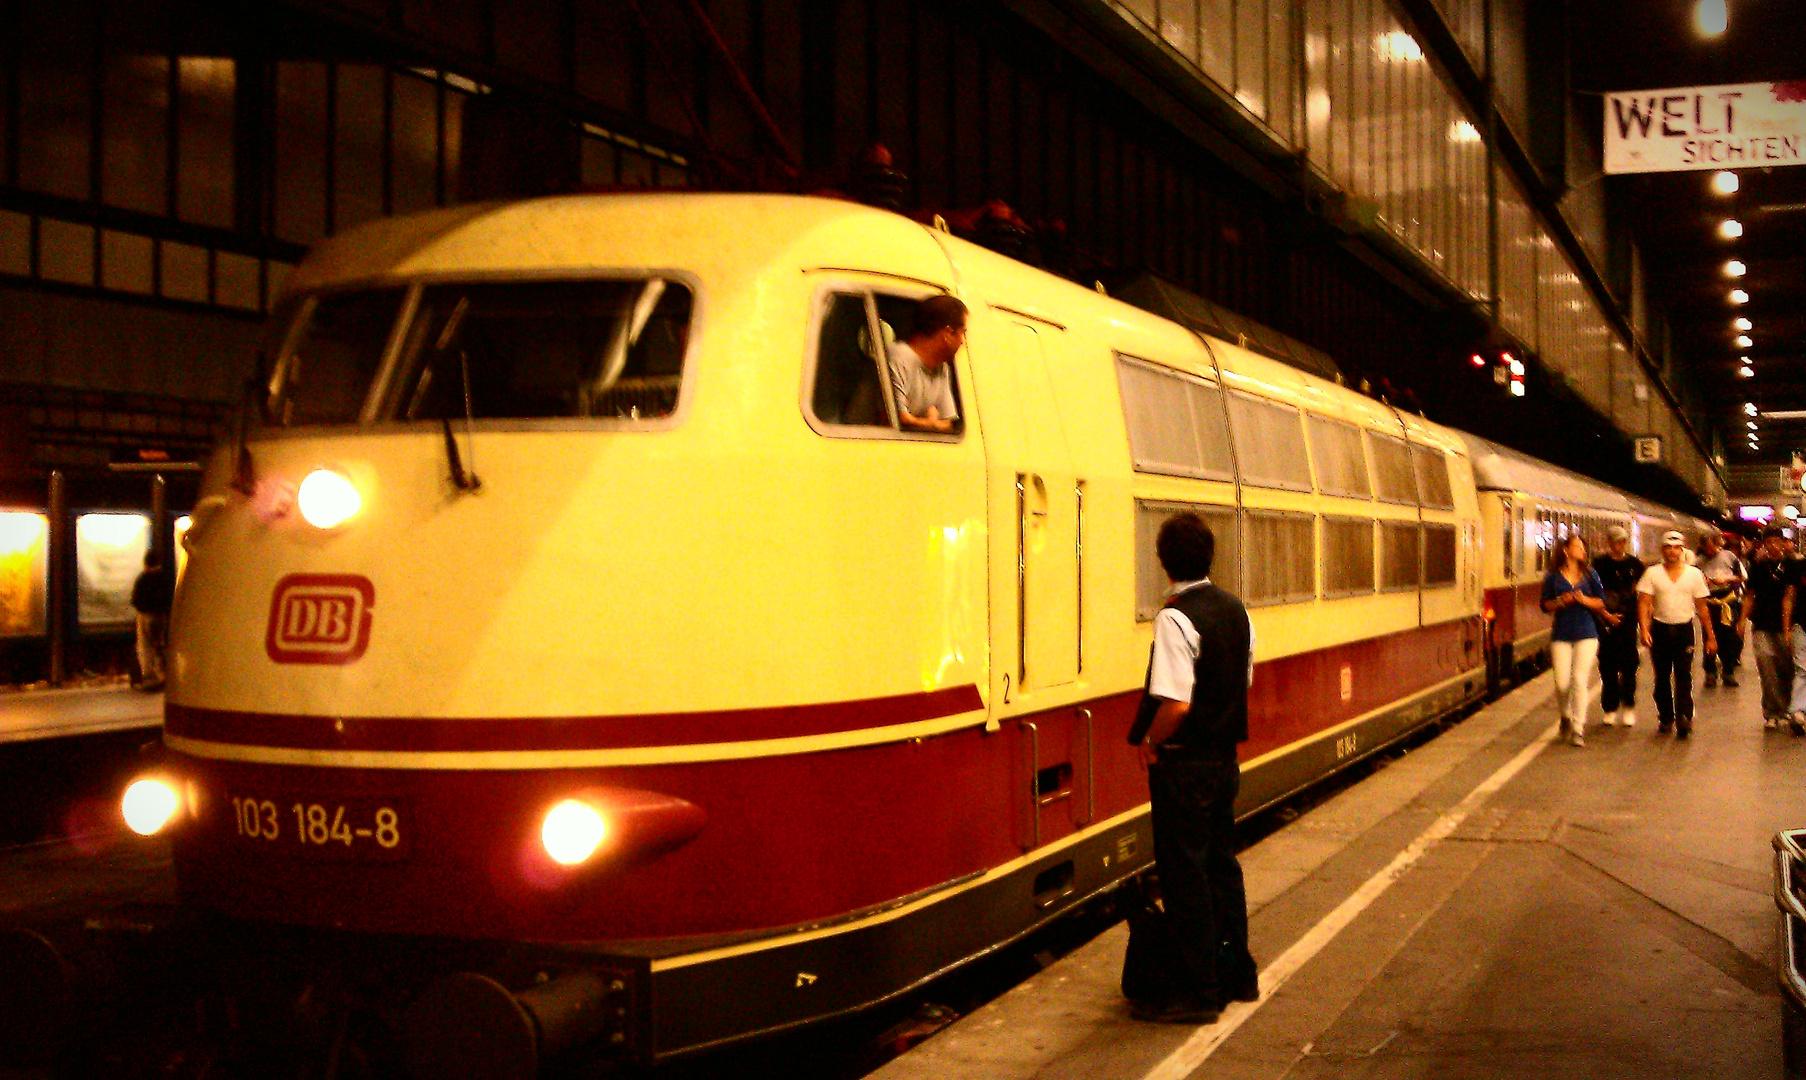 103 184-8 zu Besuch im Stuttgart Hauptbahnhof